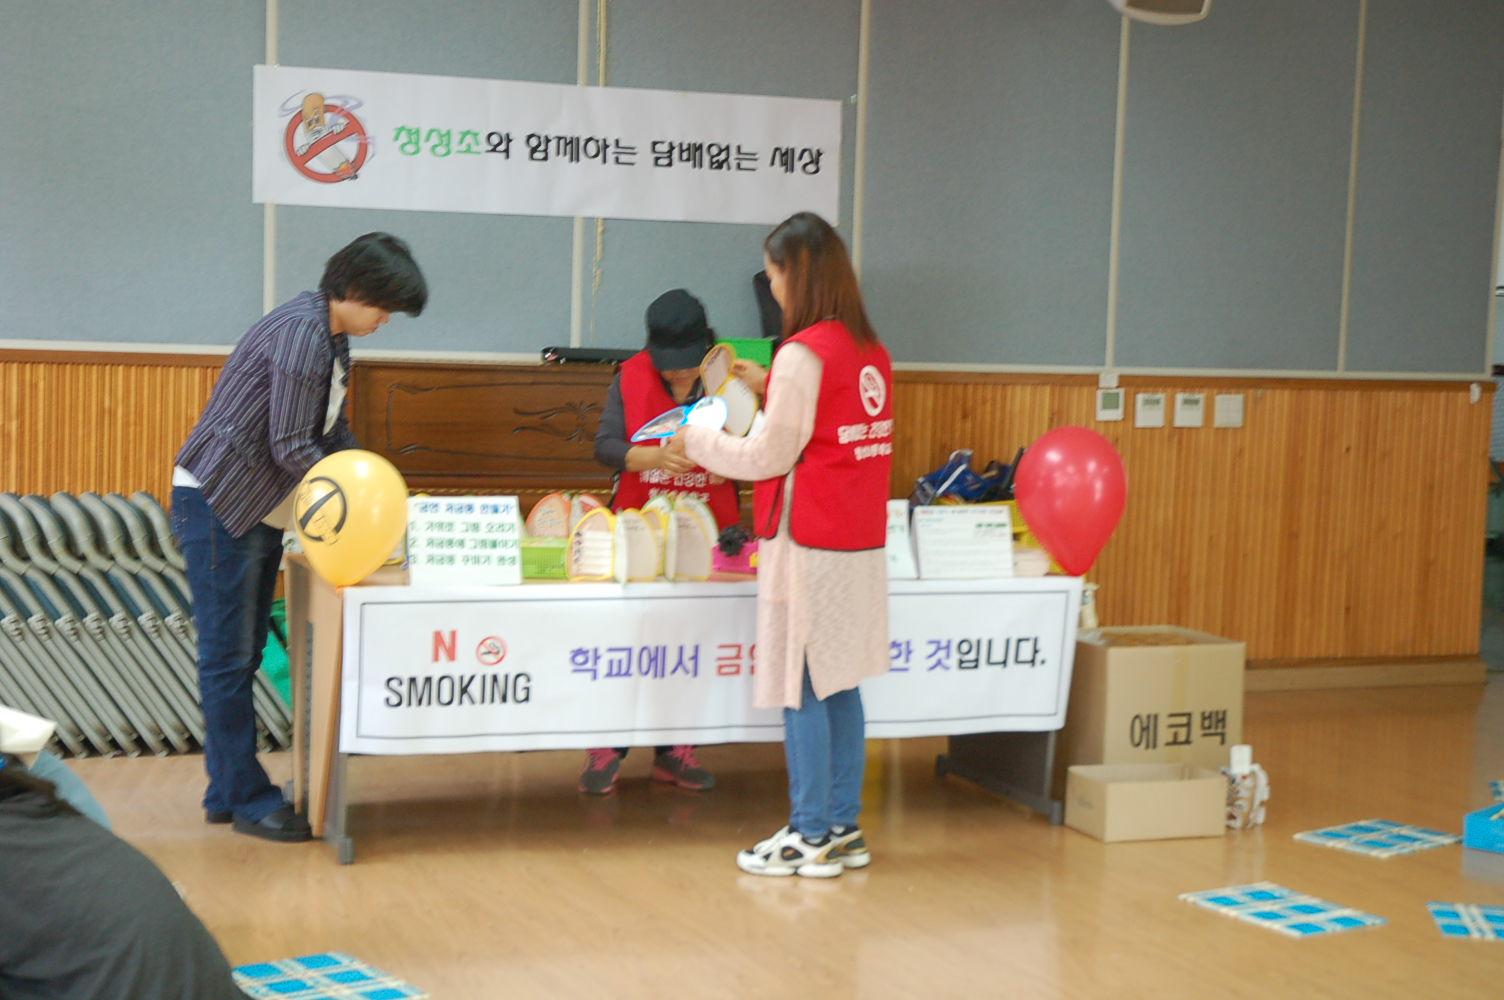 [일반] 2016학년도 어린이날 기념 통합 보건 활동 행사 실시의 첨부이미지 4